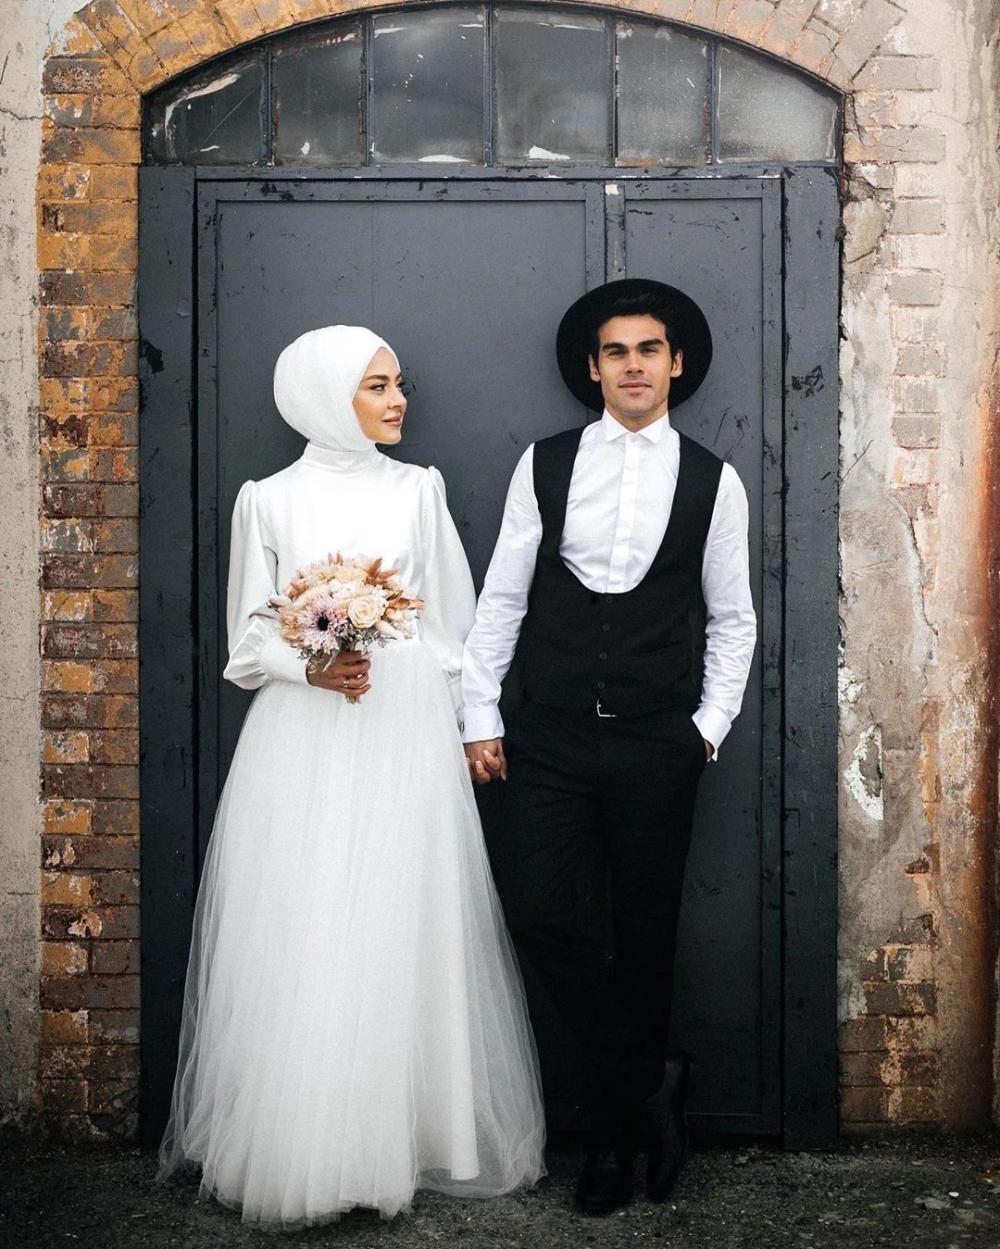 Simple Long Sleeves Wedding Dress Muslim Bridal Gown Dqg1119 Long Sleeve Wedding Dress Simple Wedding Dress Muslim Wedding Dress Long Sleeve [ 1249 x 1000 Pixel ]